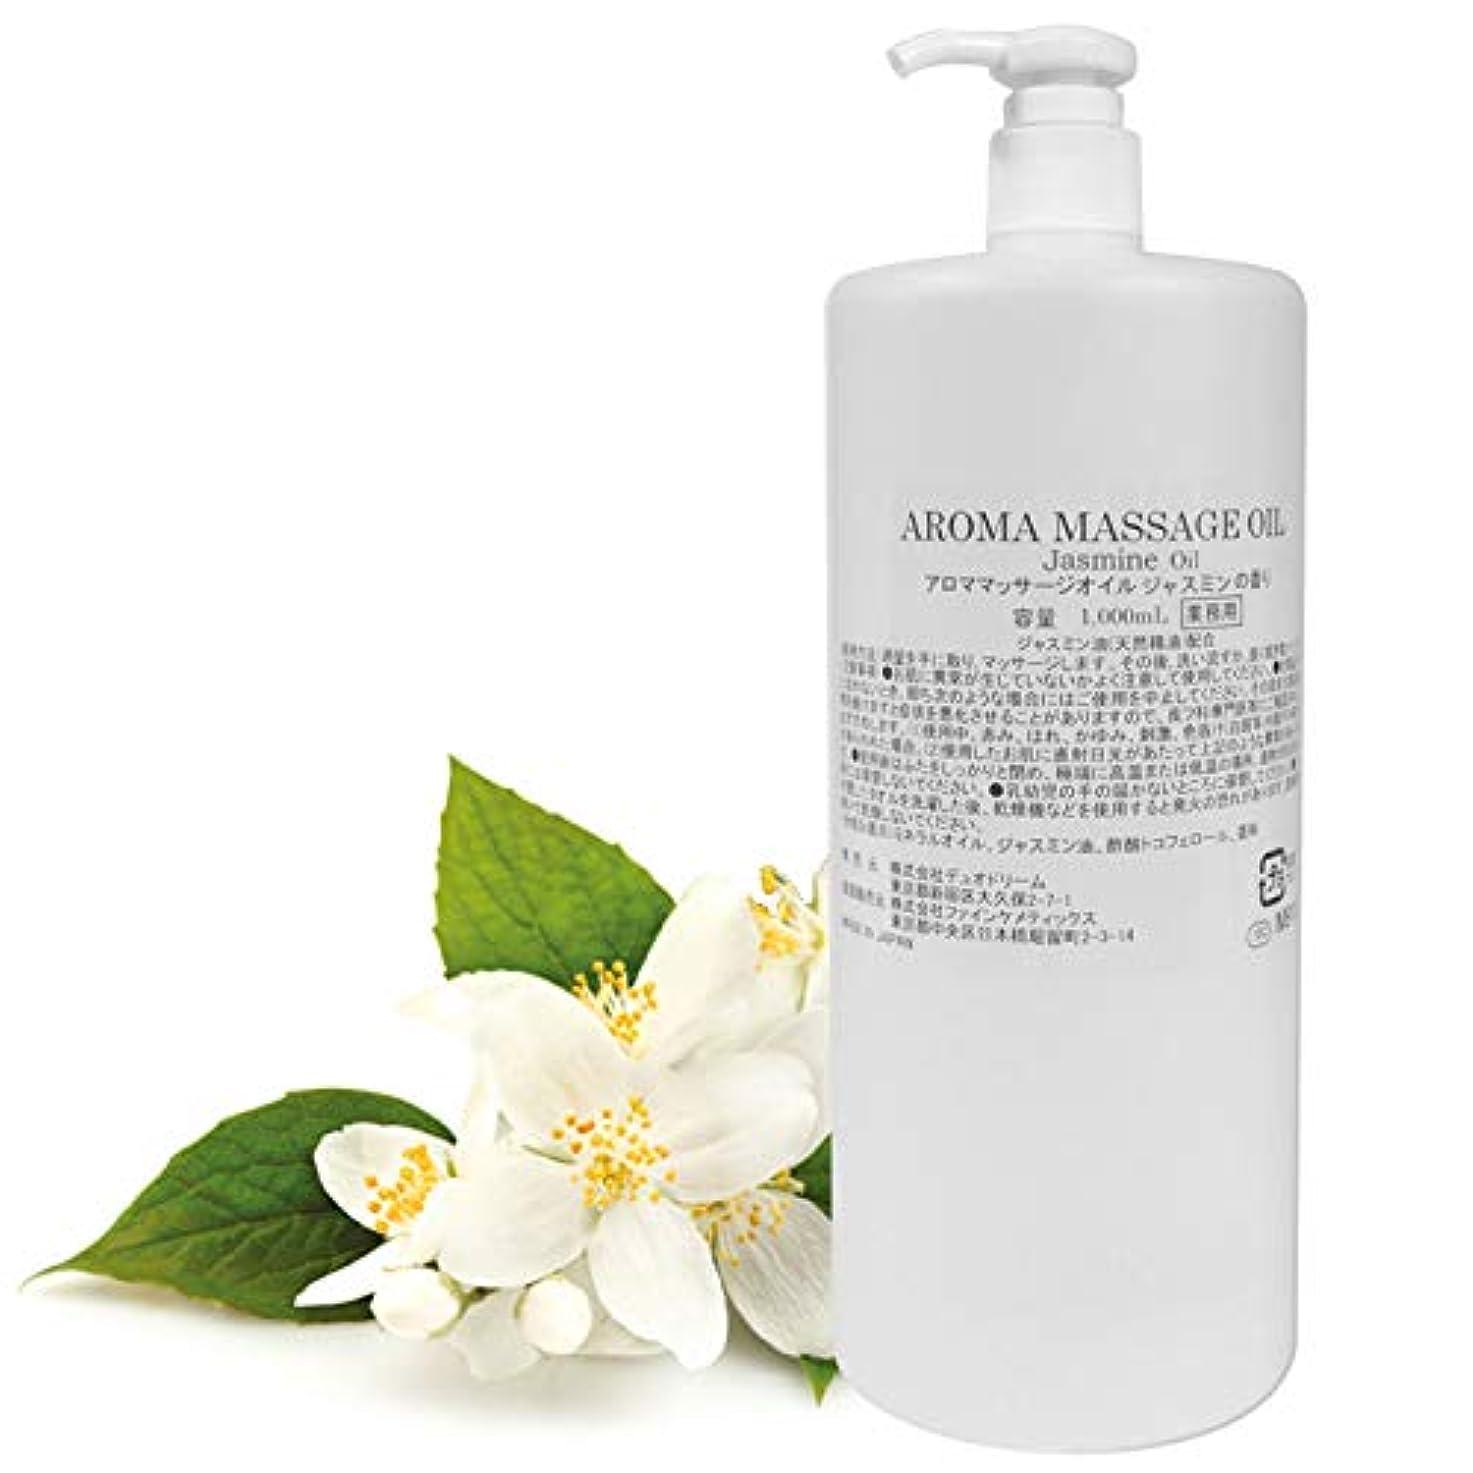 飛行場子孫彫刻家NEW 日本製 アロママッサージオイル ジャスミン 1000mL 業務用 ★ジャスミン油 天然精油配合 エキゾチックなジャスミンの香り さっぱりタイプ ジャスミンオイル